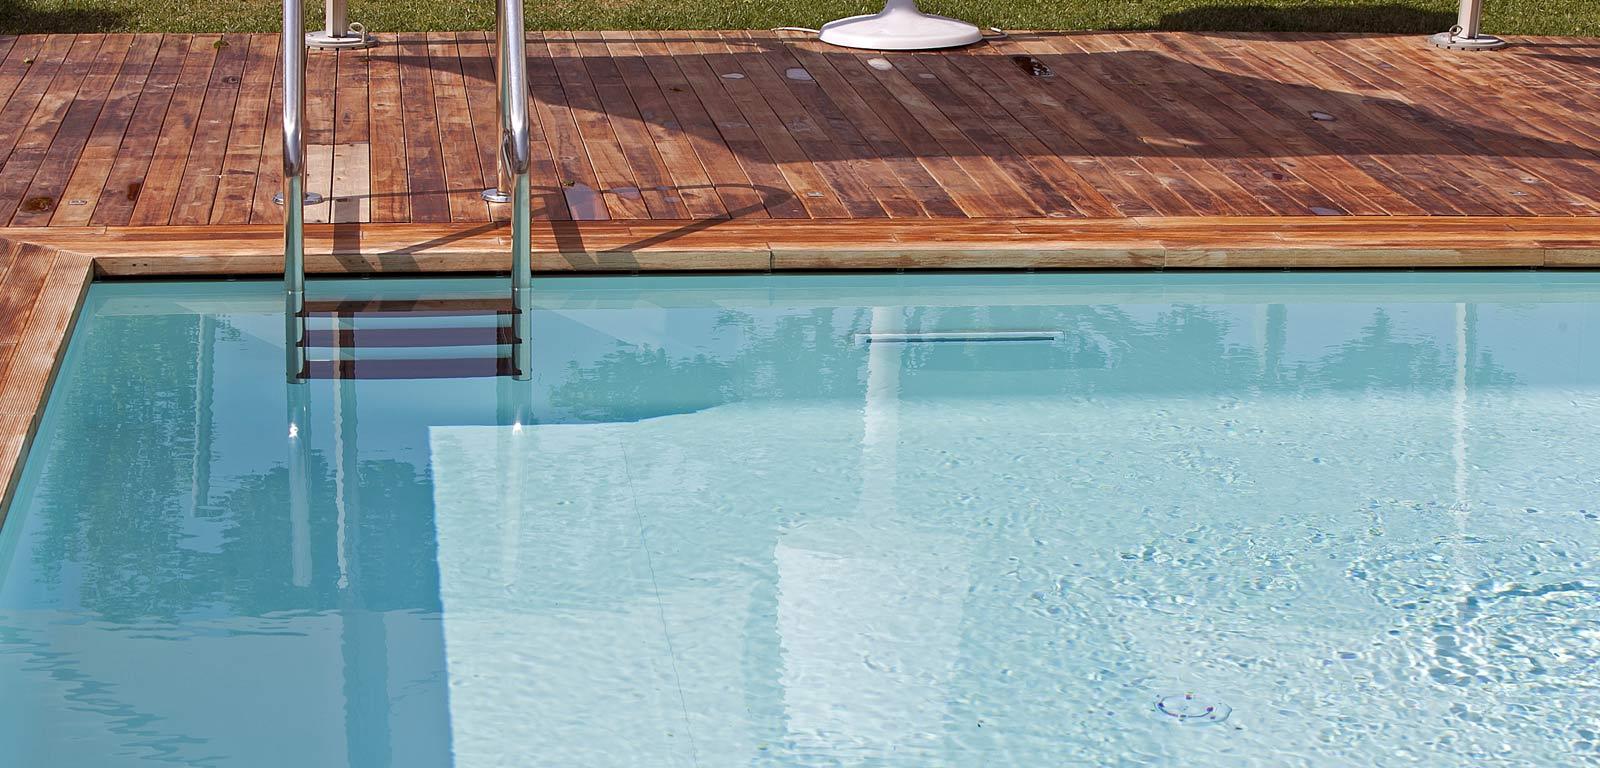 Sfioro freedom piscine castiglione for Bordo piscina legno